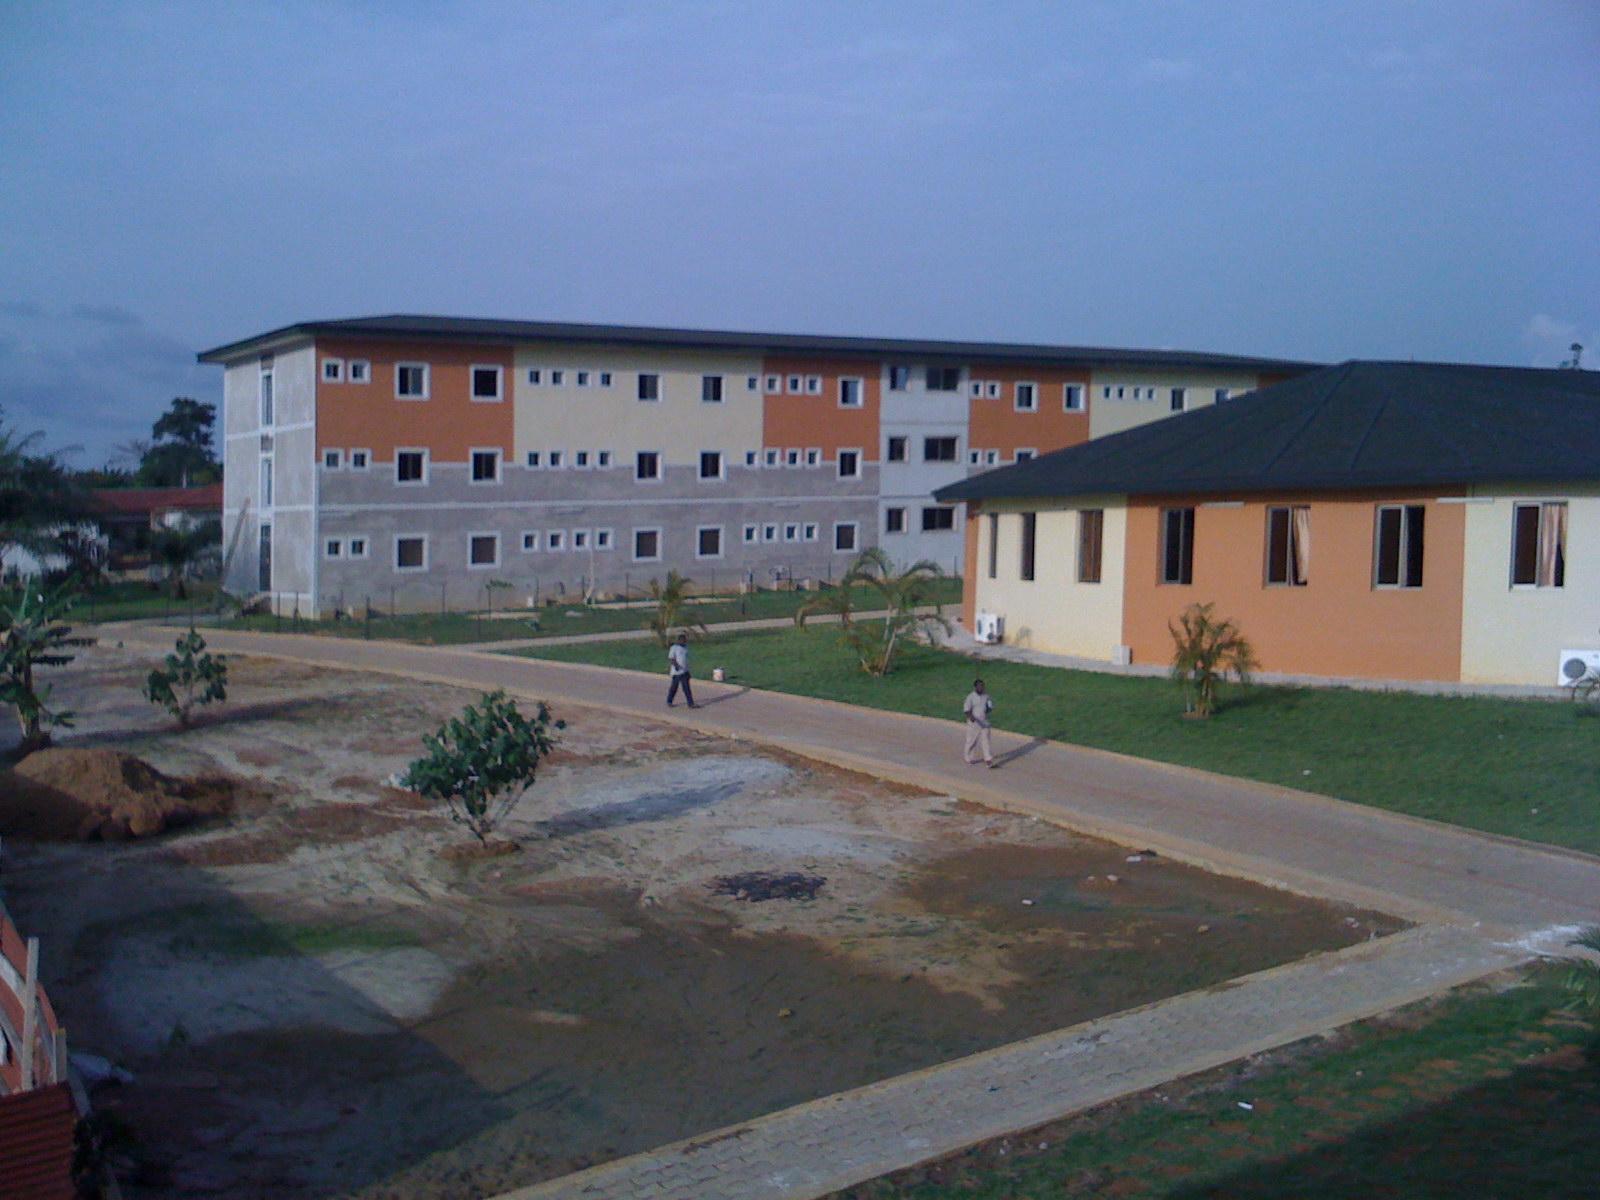 Computers in schools in Gabon /static/Gabon/IMG_0624.JPG